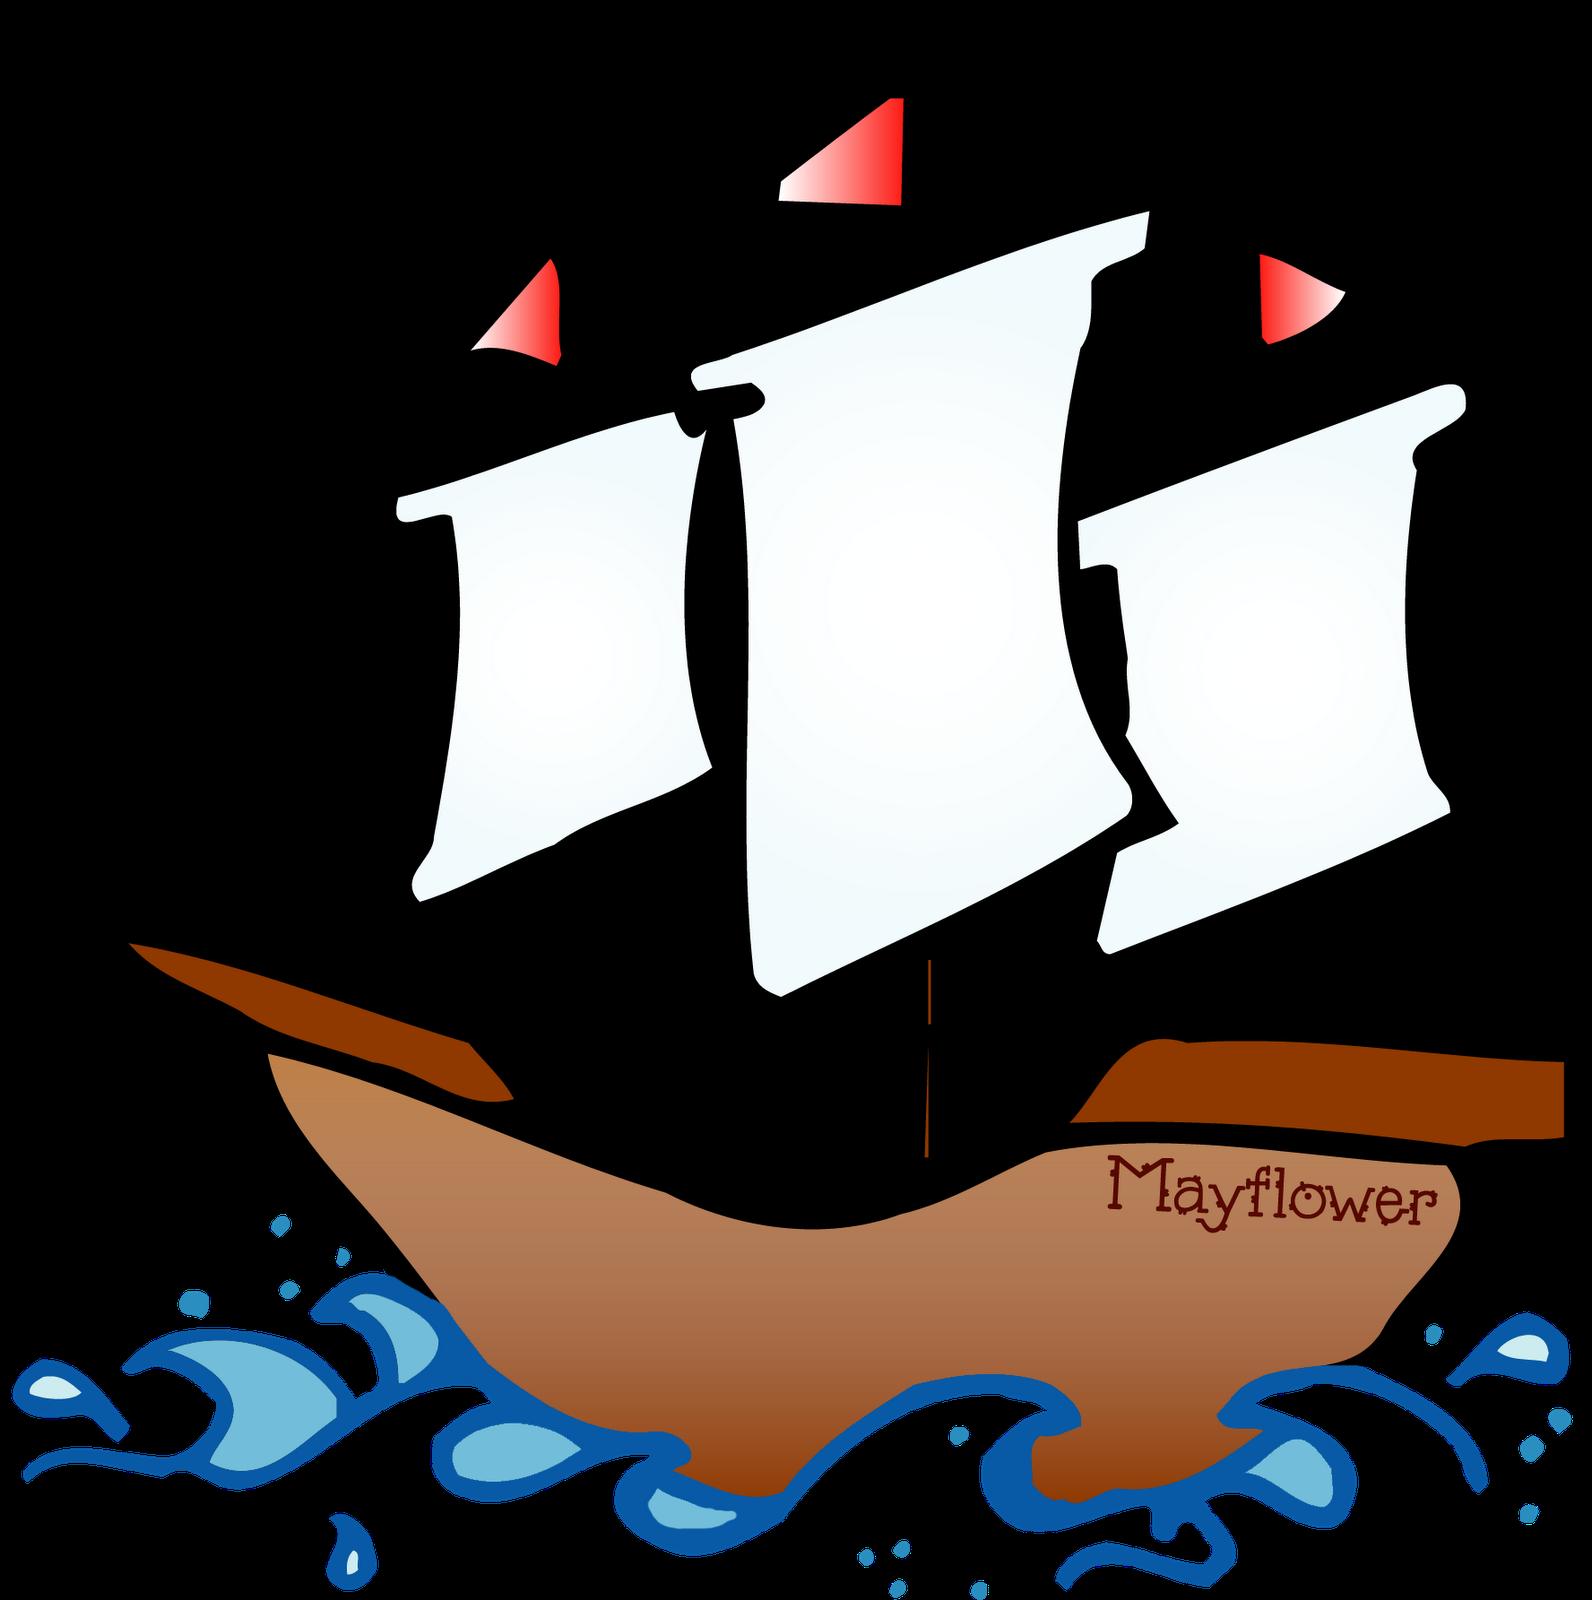 Mayflower explorer ship